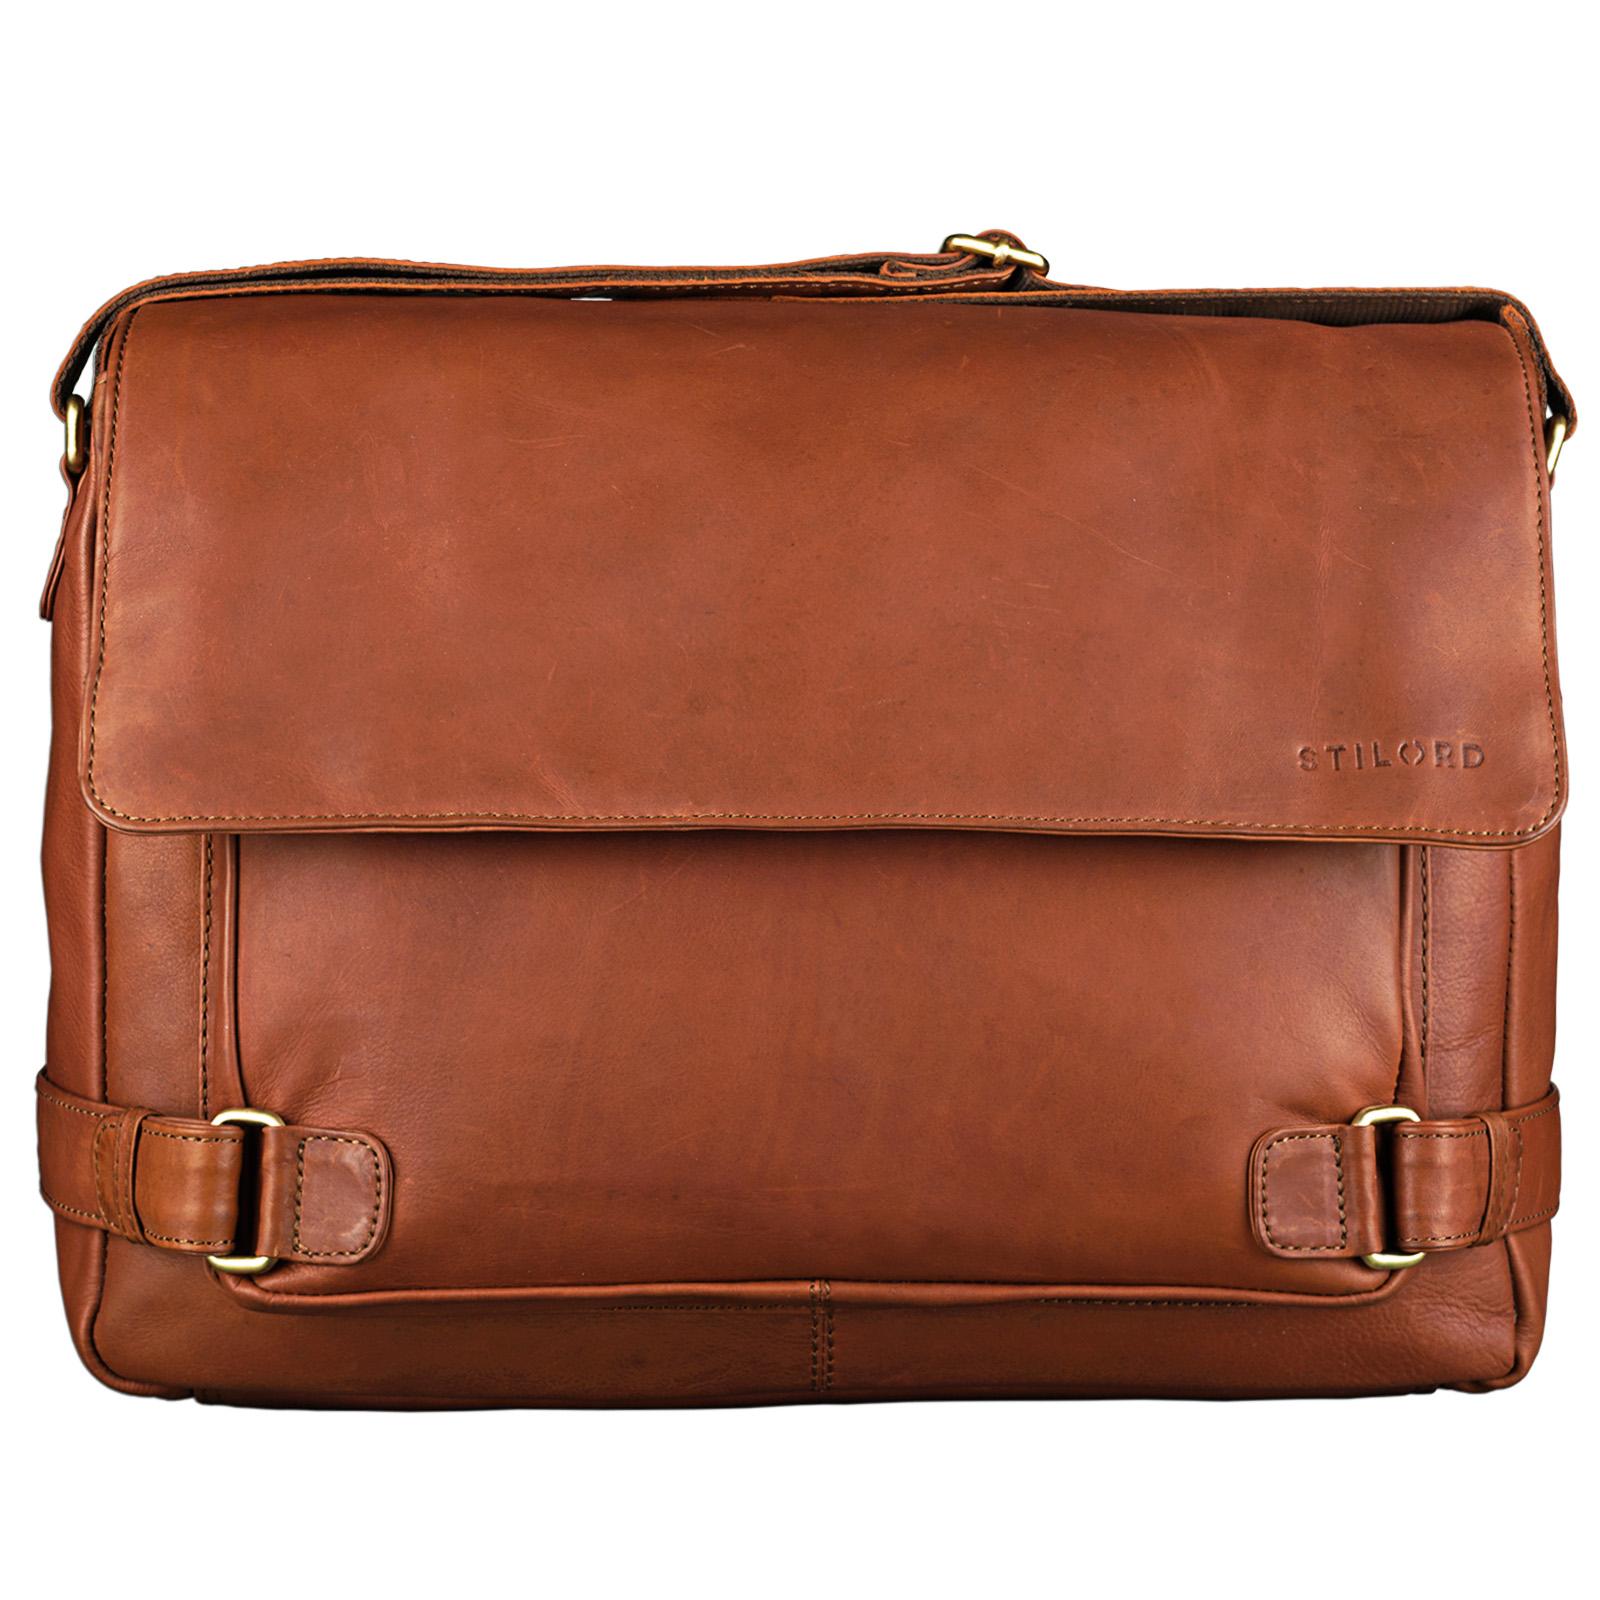 """STILORD """"Luca"""" Leder Businesstasche 15,6 Zoll Laptop Messenger Bag Vintage Aktentasche Umhängetasche Schultertasche Unisex Echtleder - Bild 3"""